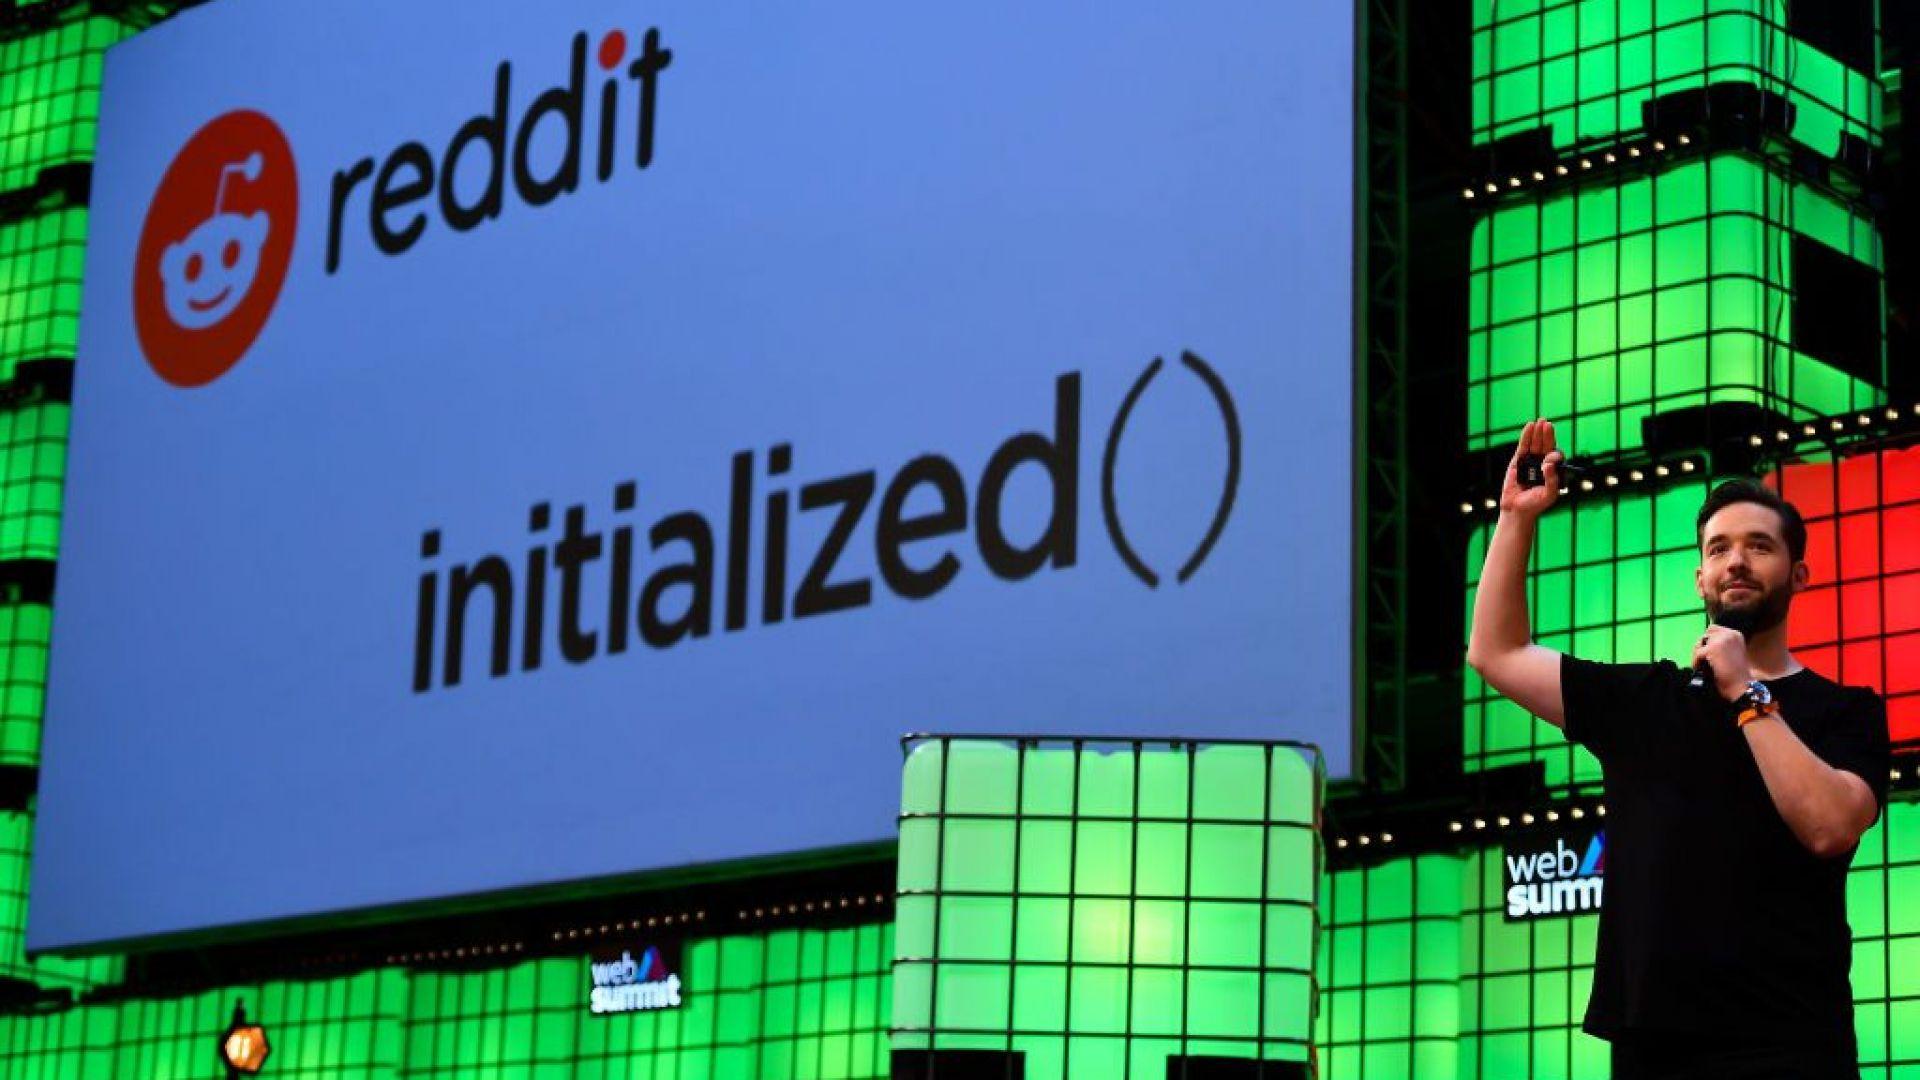 Социалната мрежа Reddit вече струва 6 милиарда долара